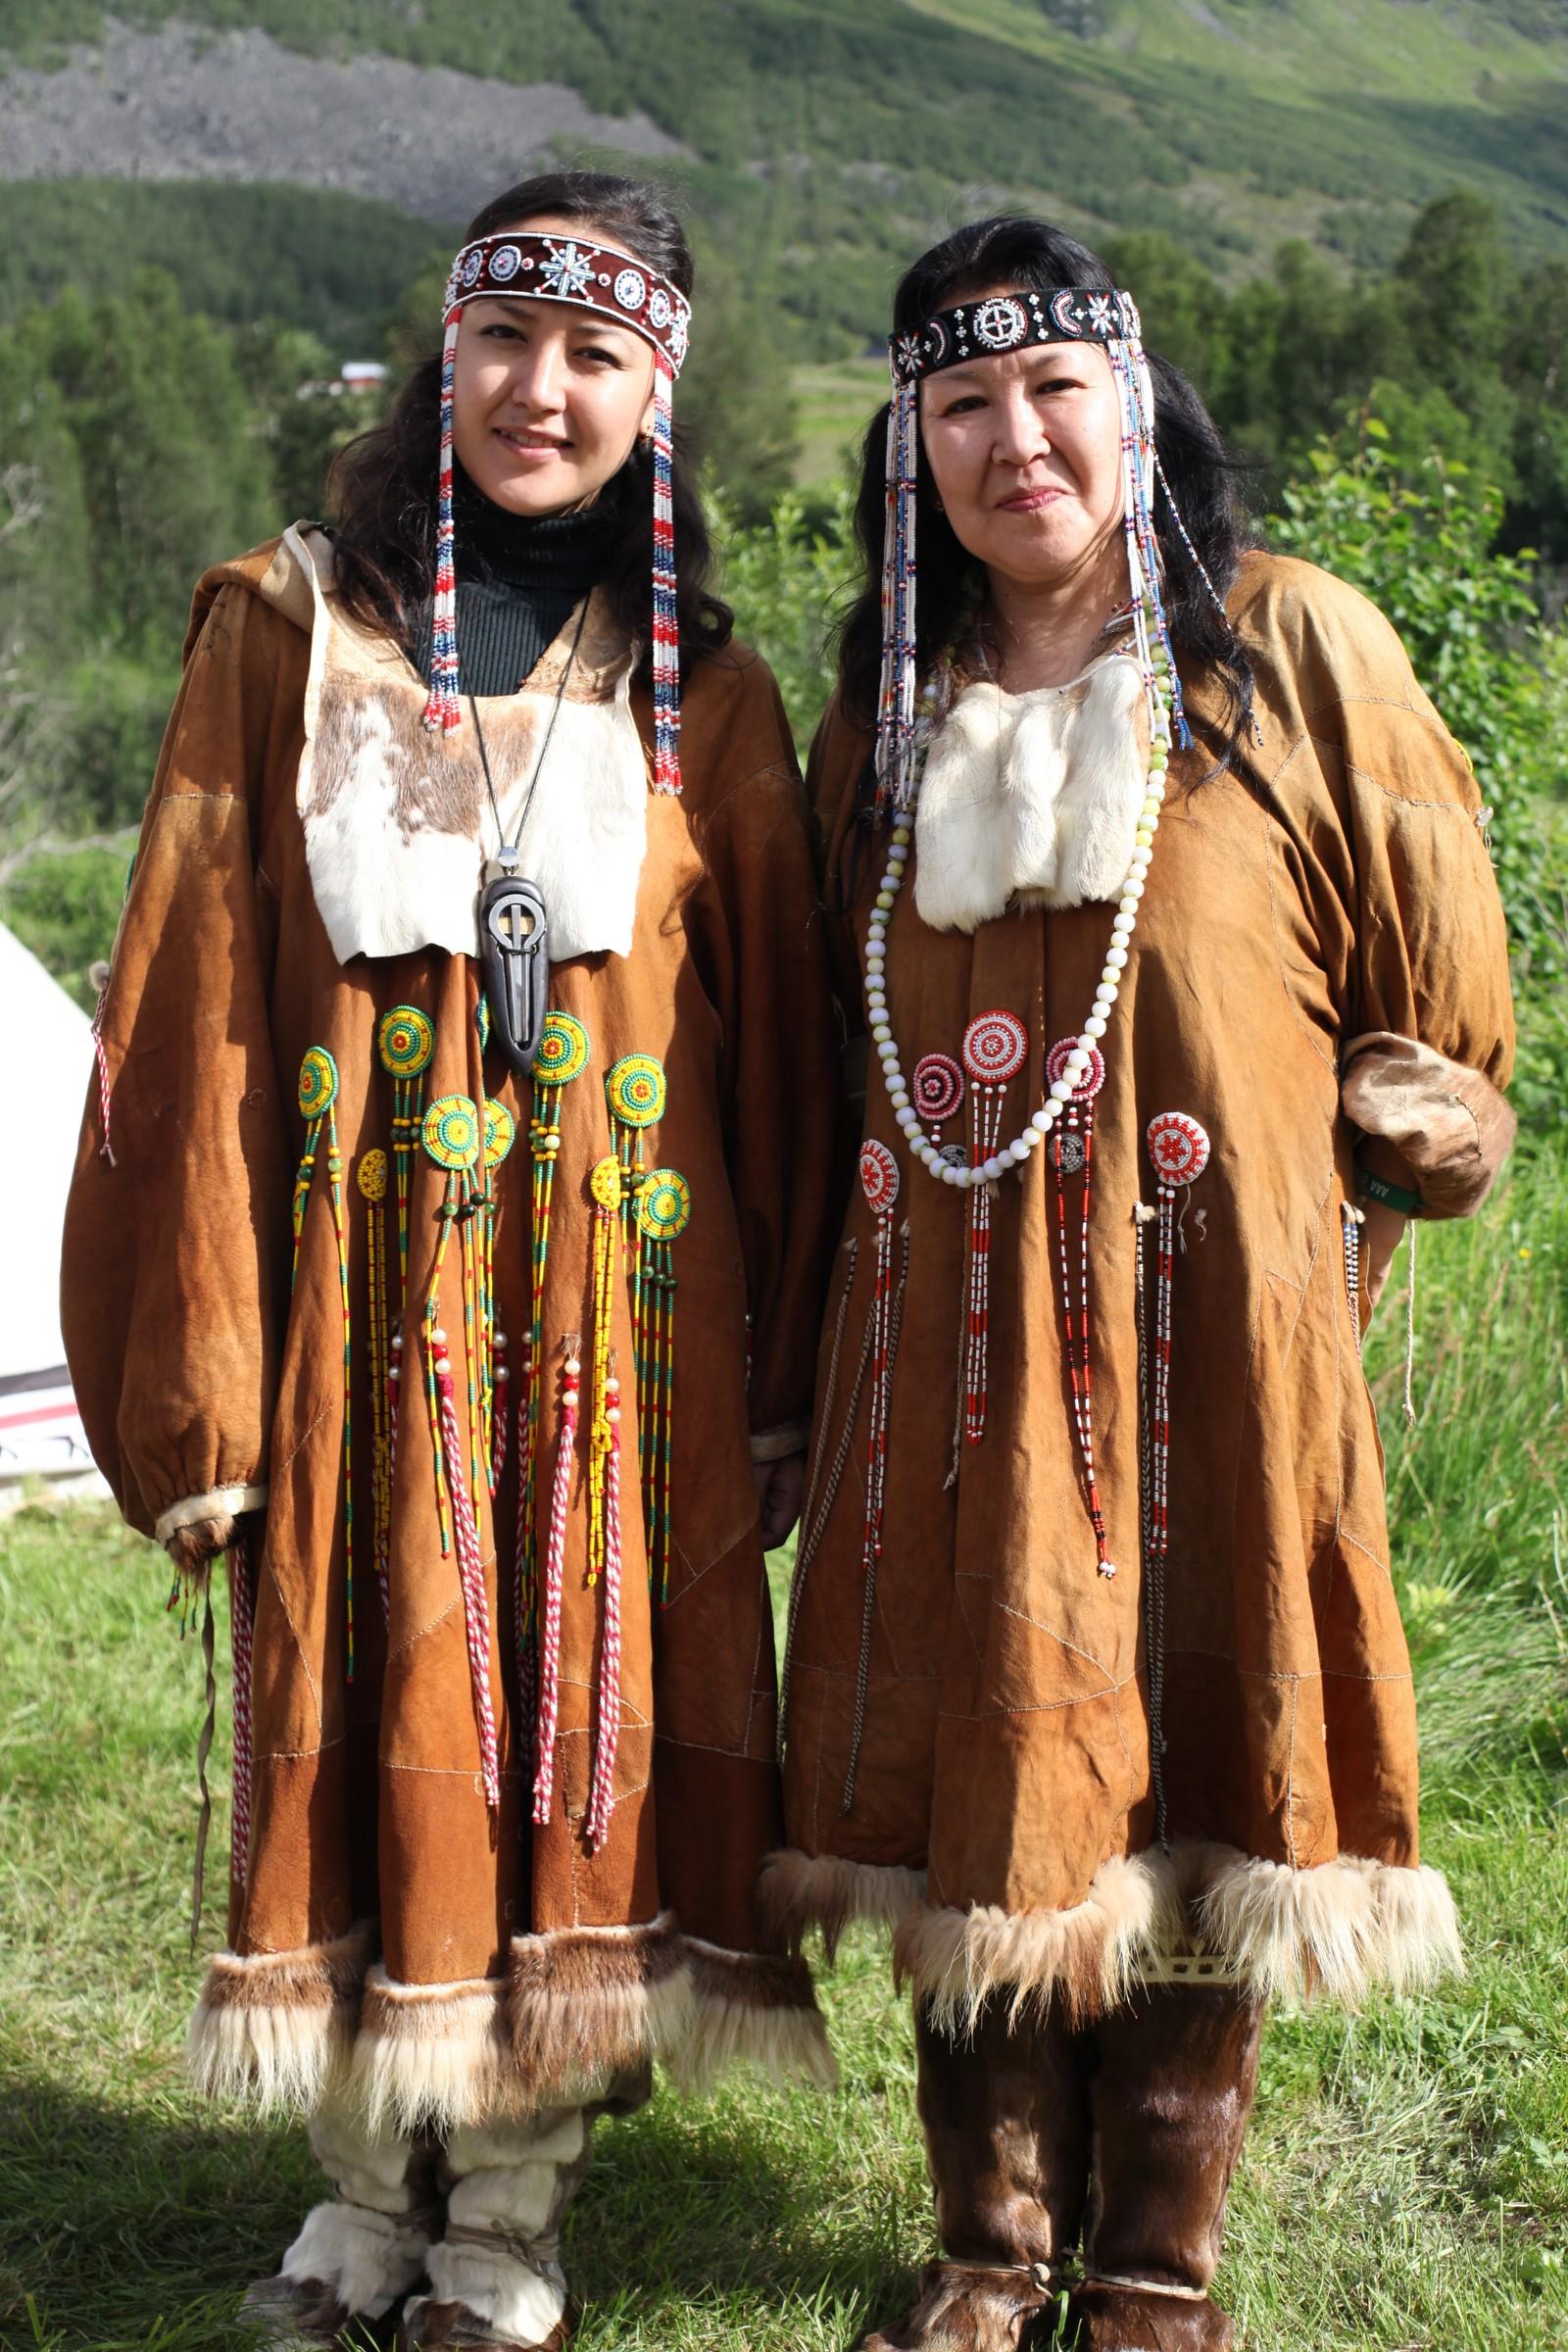 Mor Militina og datter Olit Tevljnaut får mye oppmerksomhet på grunn av de vakre dekorasjonene på klærne deres. - Fargevalg, mønstre og perler har alle en viktig betydning. De sier noe om om vår historie og de skal beskytte oss, sier de.